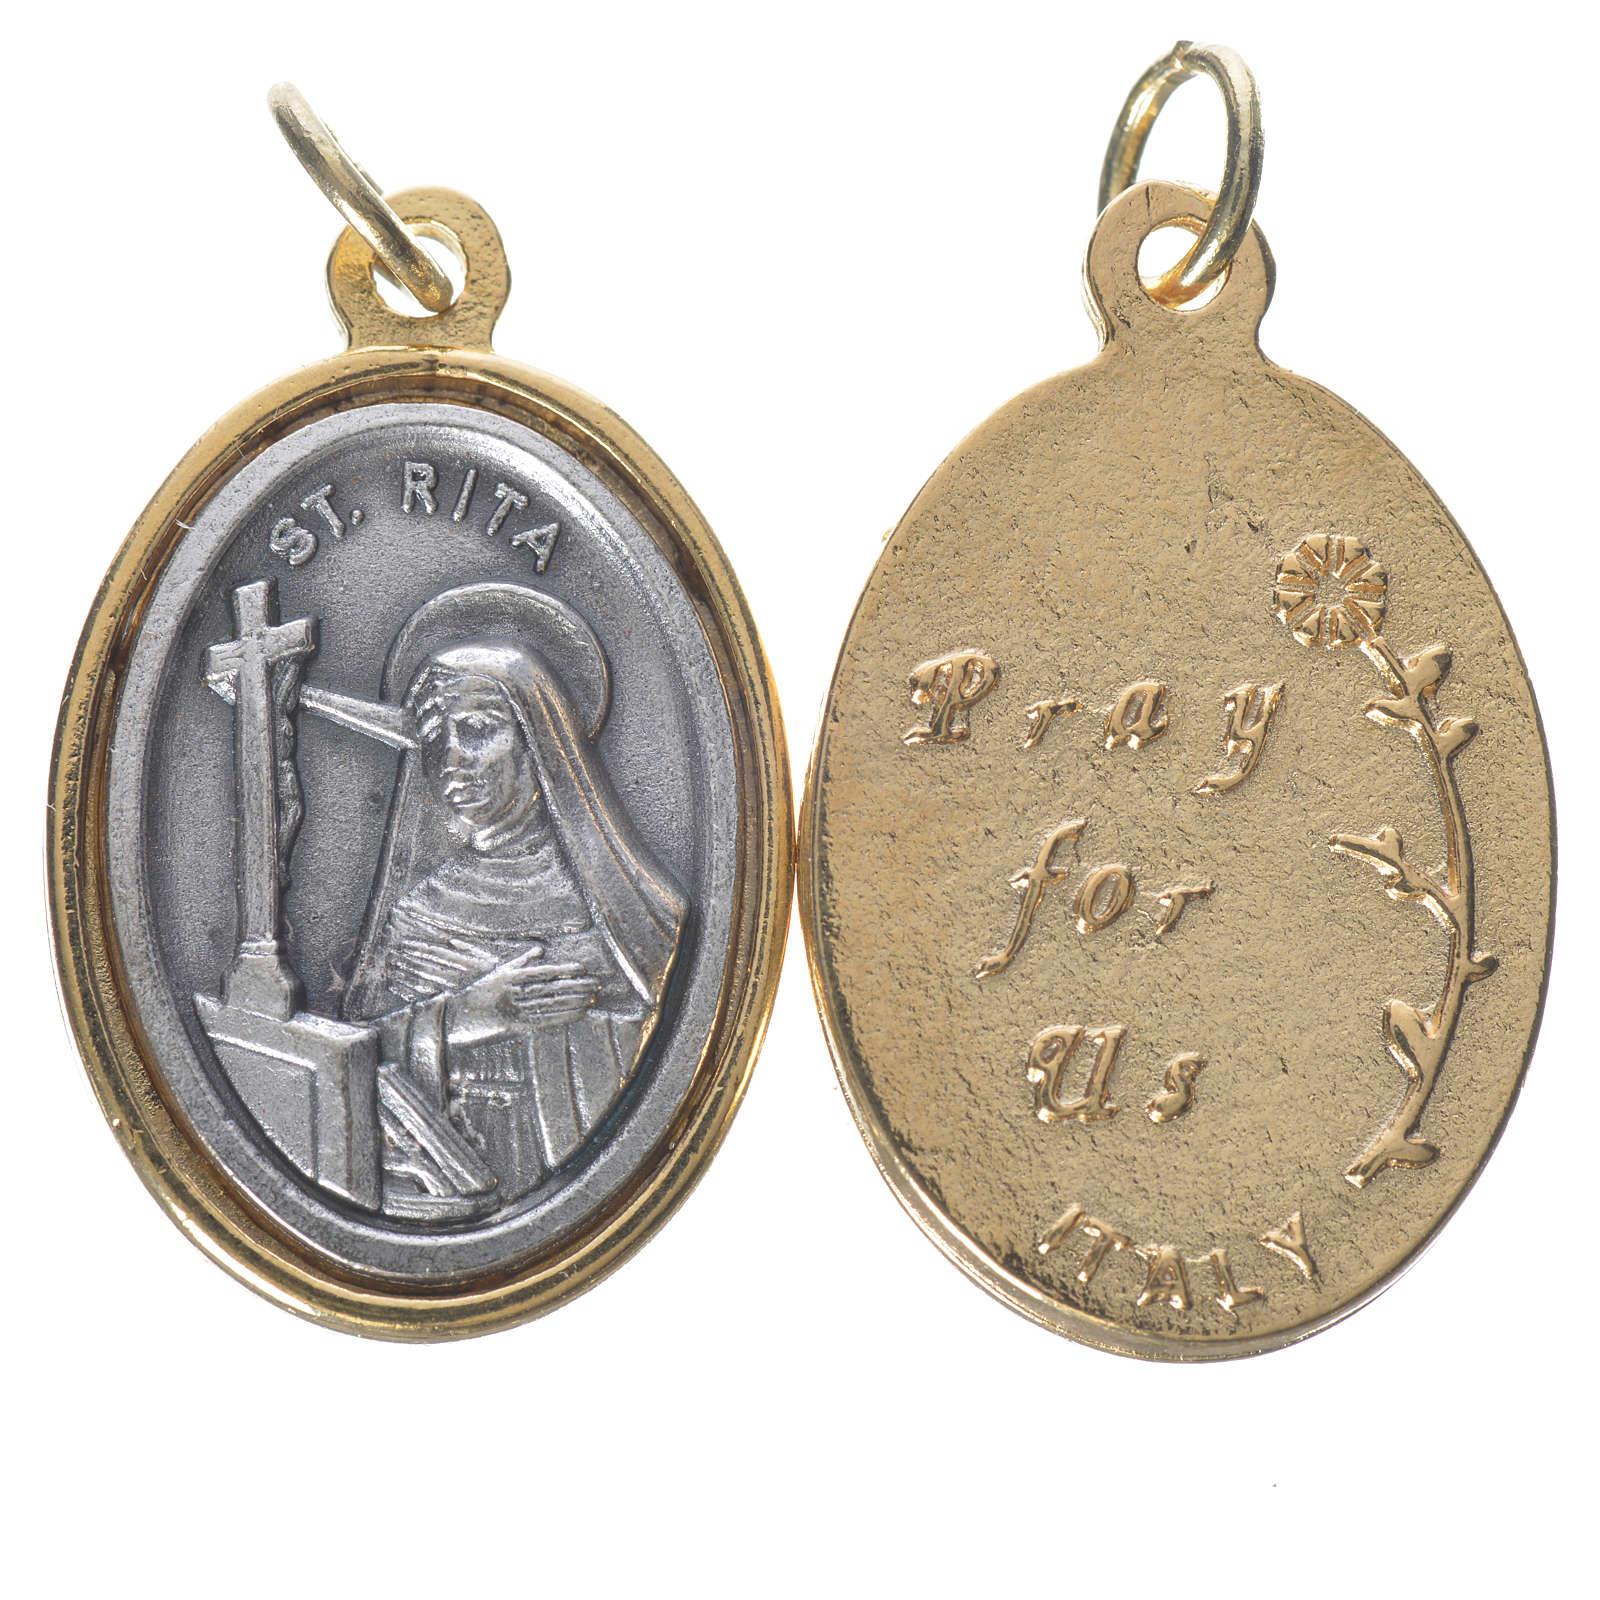 Medaglia  S. Rita metallo dorata argentata 2,5cm 4